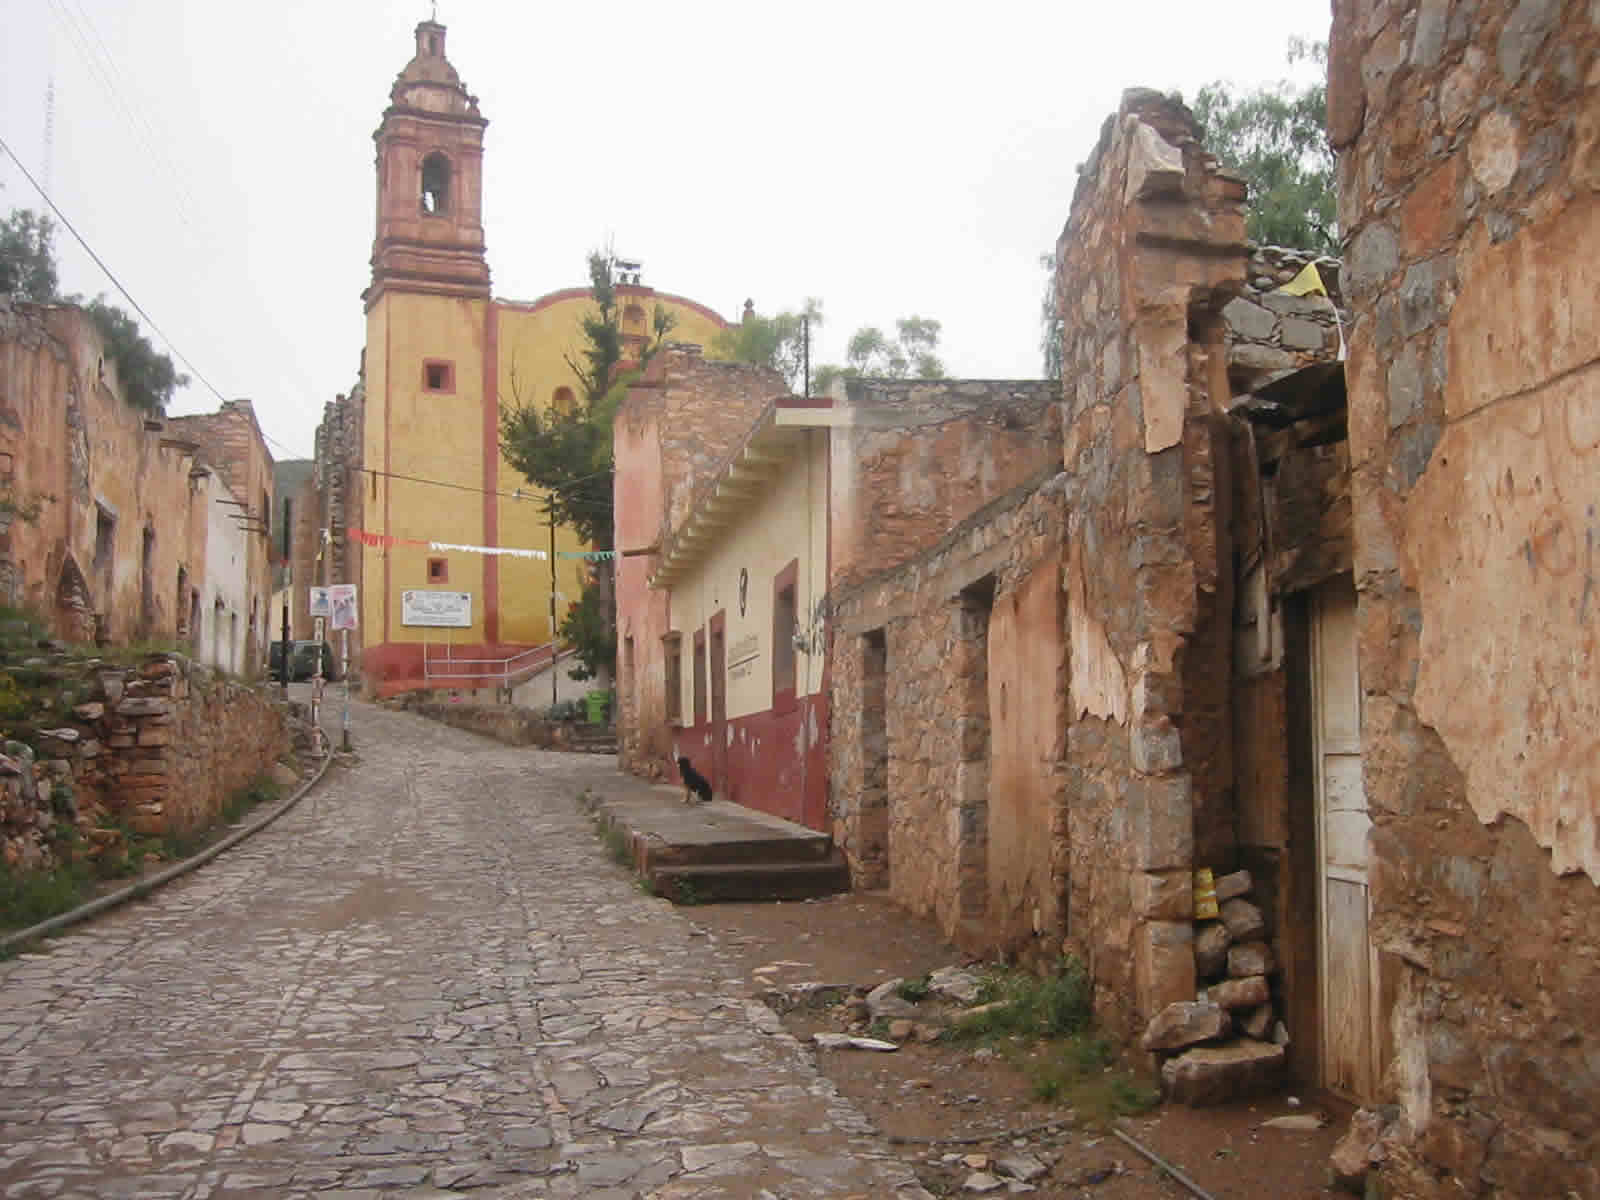 Cerro de San Pedro, San Luis Potosí